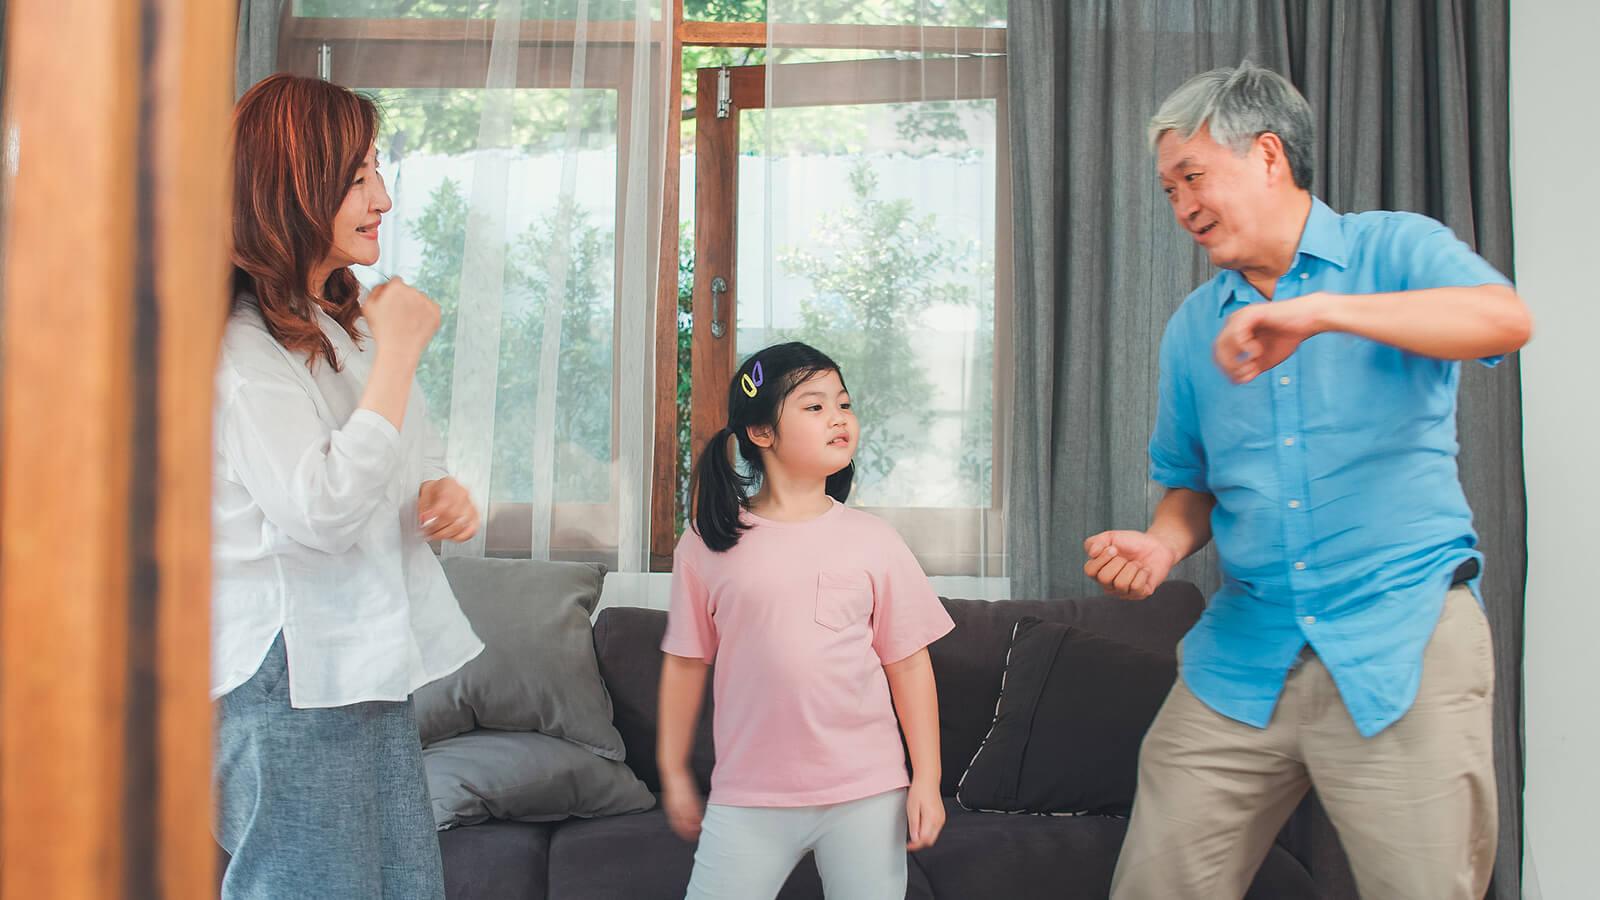 Padres bailando con su hija en el salón de casa.